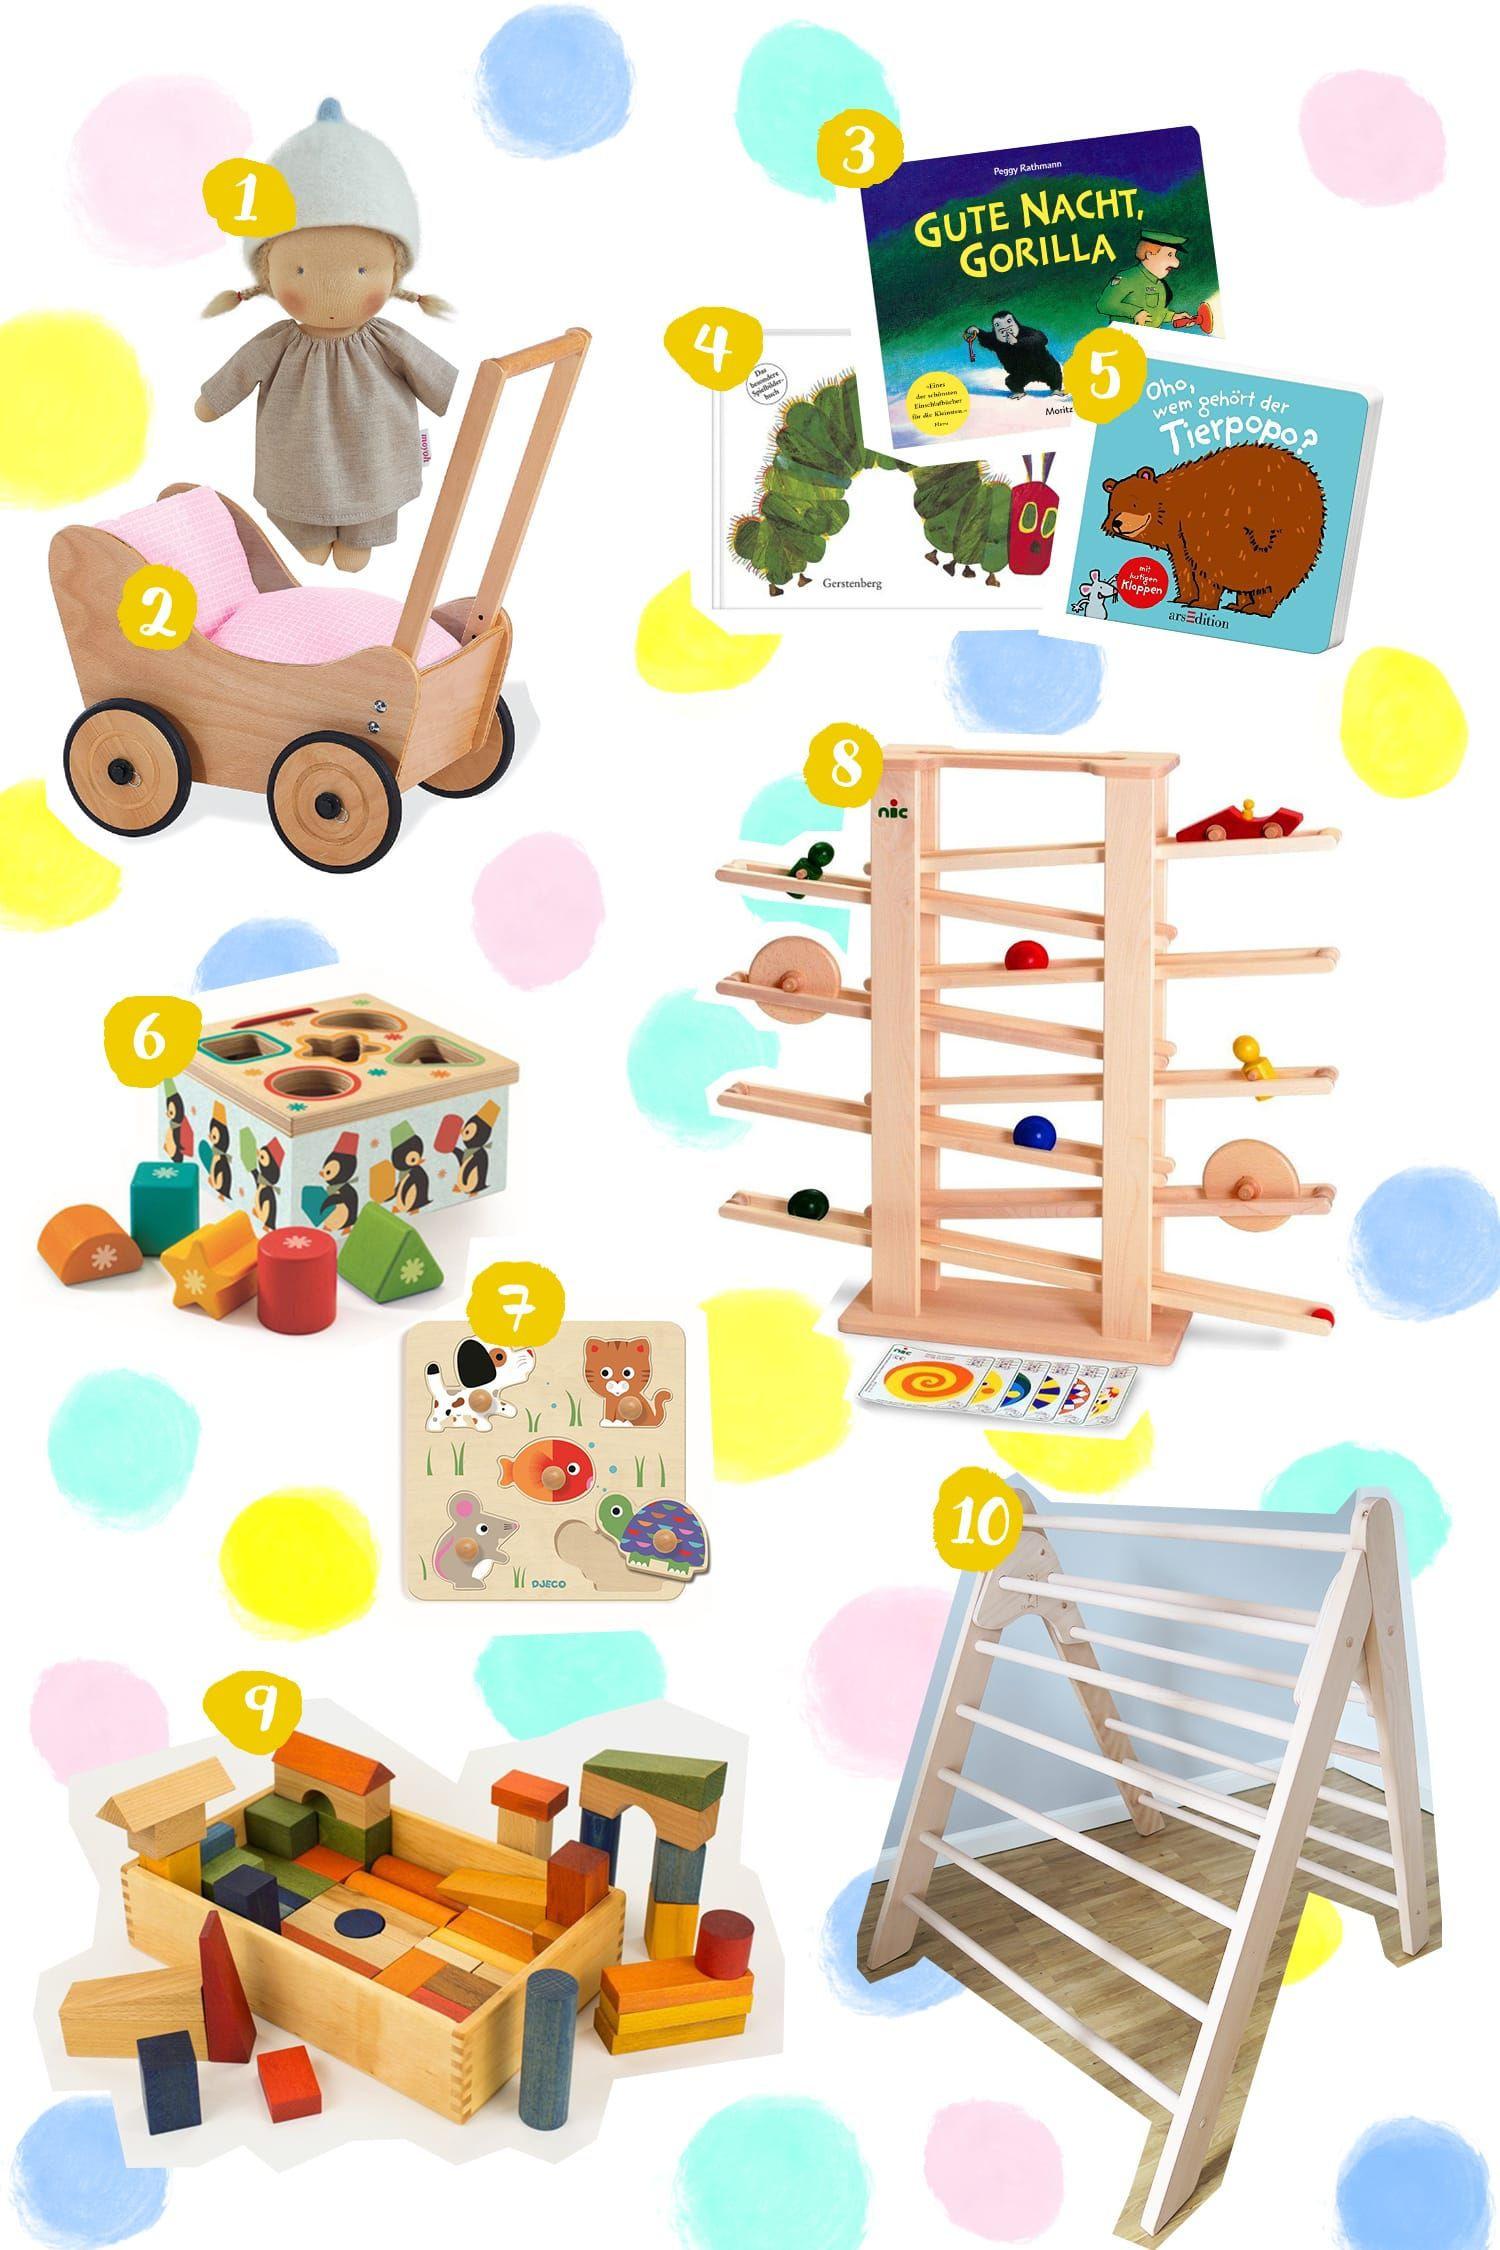 Geschenke Für 1 Jährige  Sinnvolle Geschenke zum 1 Geburtstag lesen